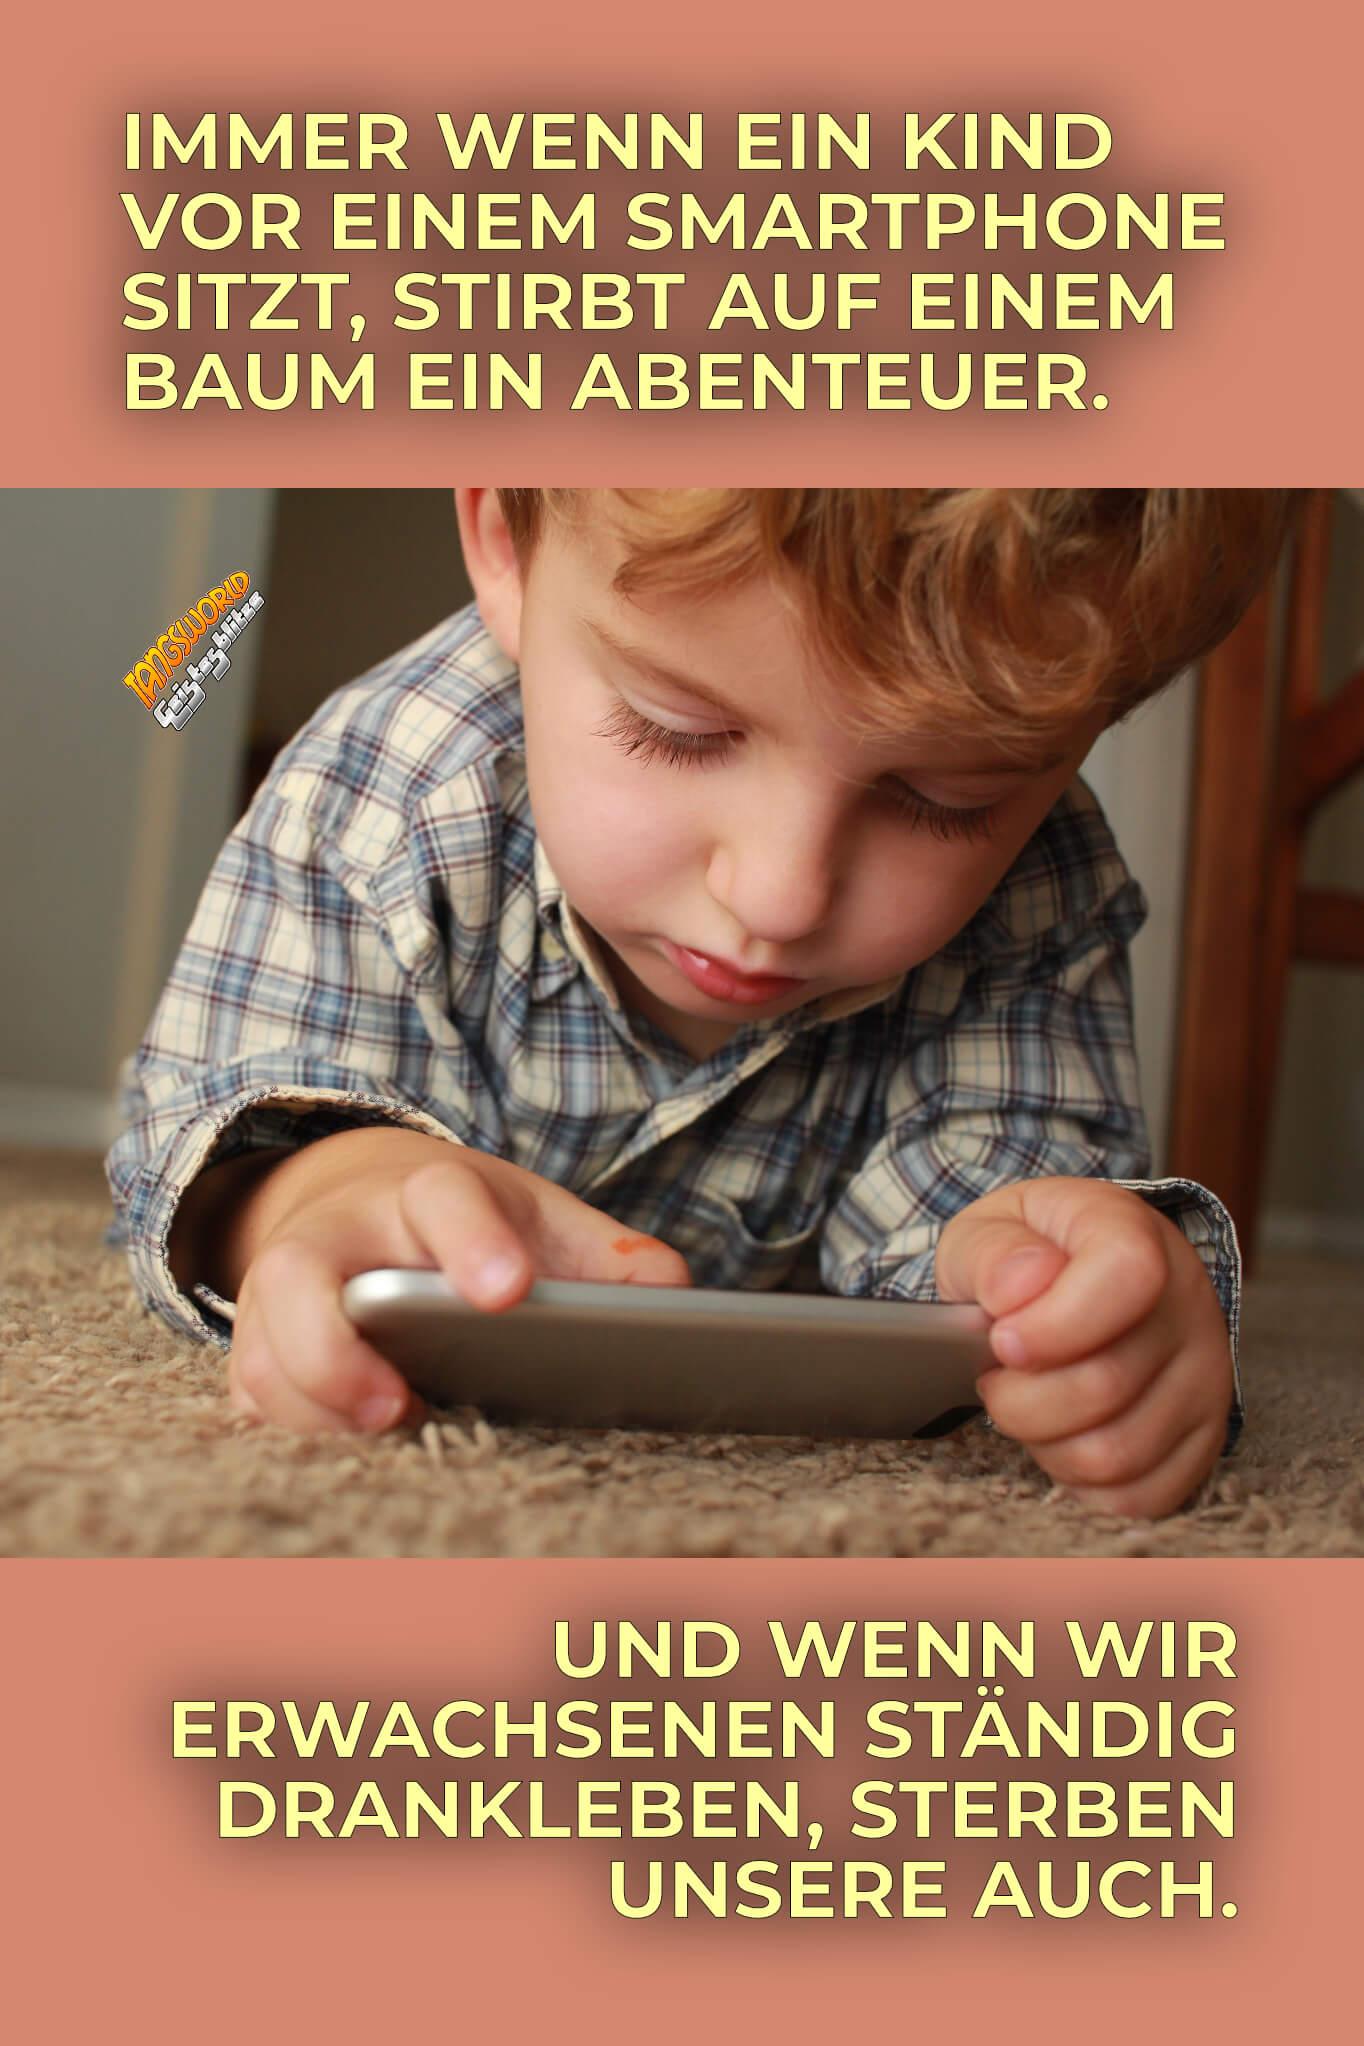 Immer wenn ein Kind vor einem Smartphone sitzt, stirbt auf einem Baum ein Abenteuer. Und wenn wir Erwachsenen ständig drankleben, sterben unsere auch! - Geistesblitze